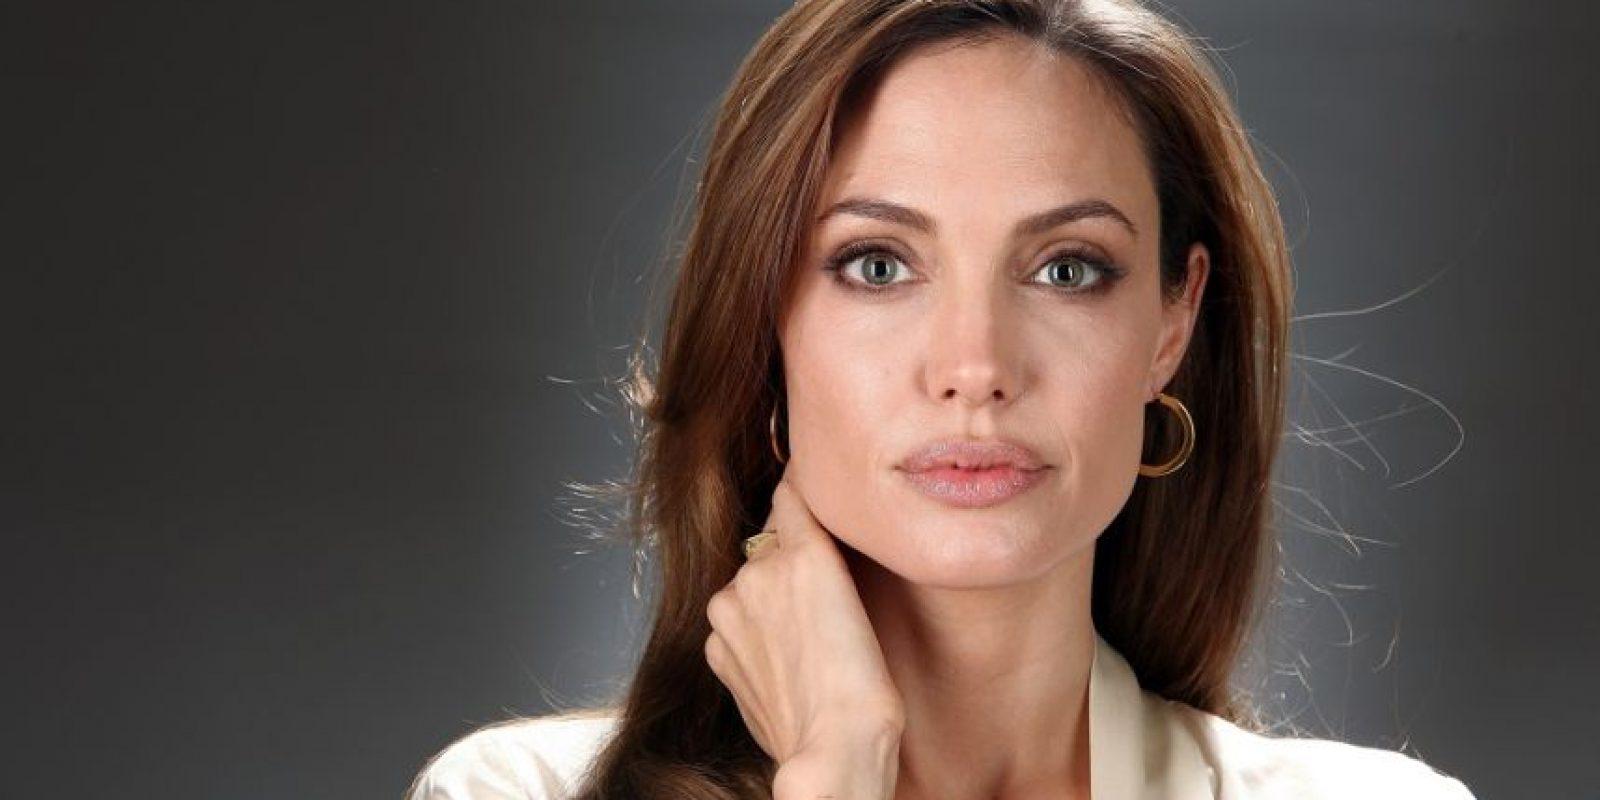 """""""Necesitamos políticas de seguridad a largo plazo diseñadas por mujeres, enfocadas en las mujeres y ejecutadas por mujeres; no a expensas de los hombres o en vez de los hombres, sino con los hombres"""". Angelina Jolie, actriz y embajadora de buena voluntad de ACNUR. Foto:Fuente Externa"""